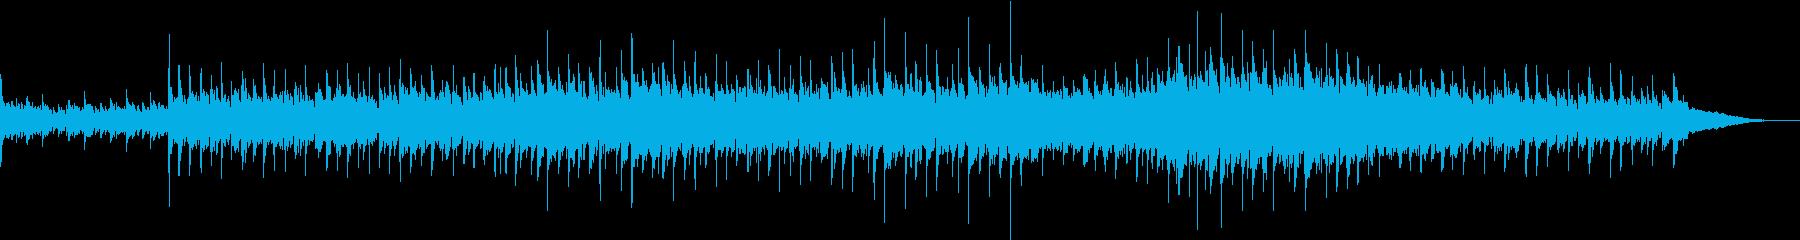 この催眠エレクトロトラックによって...の再生済みの波形